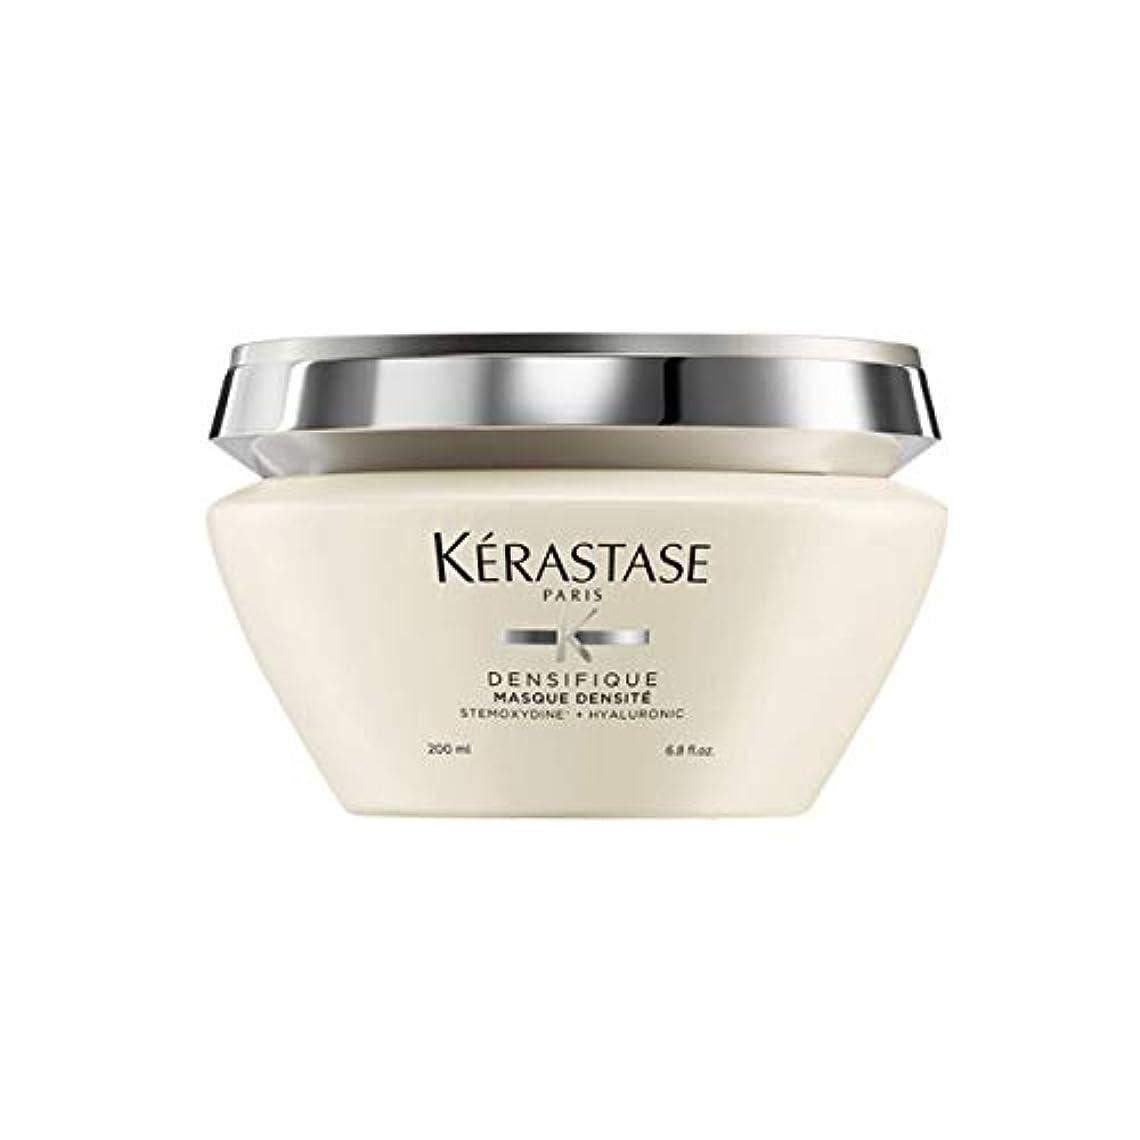 受付待つ確認するKERASTASE(ケラスターゼ) DS マスク デンシフィック 200g